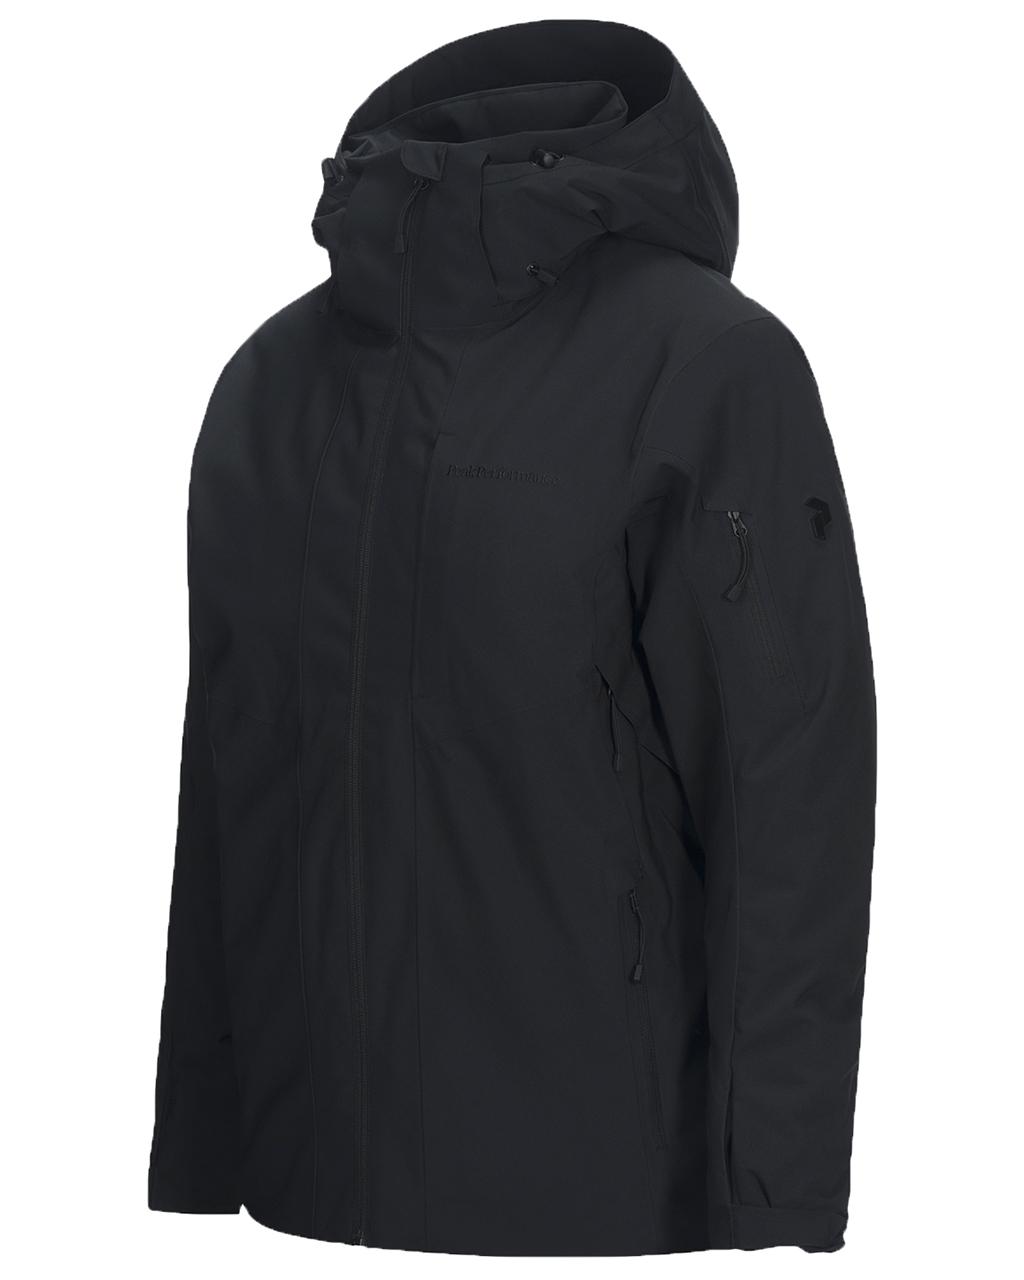 Maroon Jacket M Black